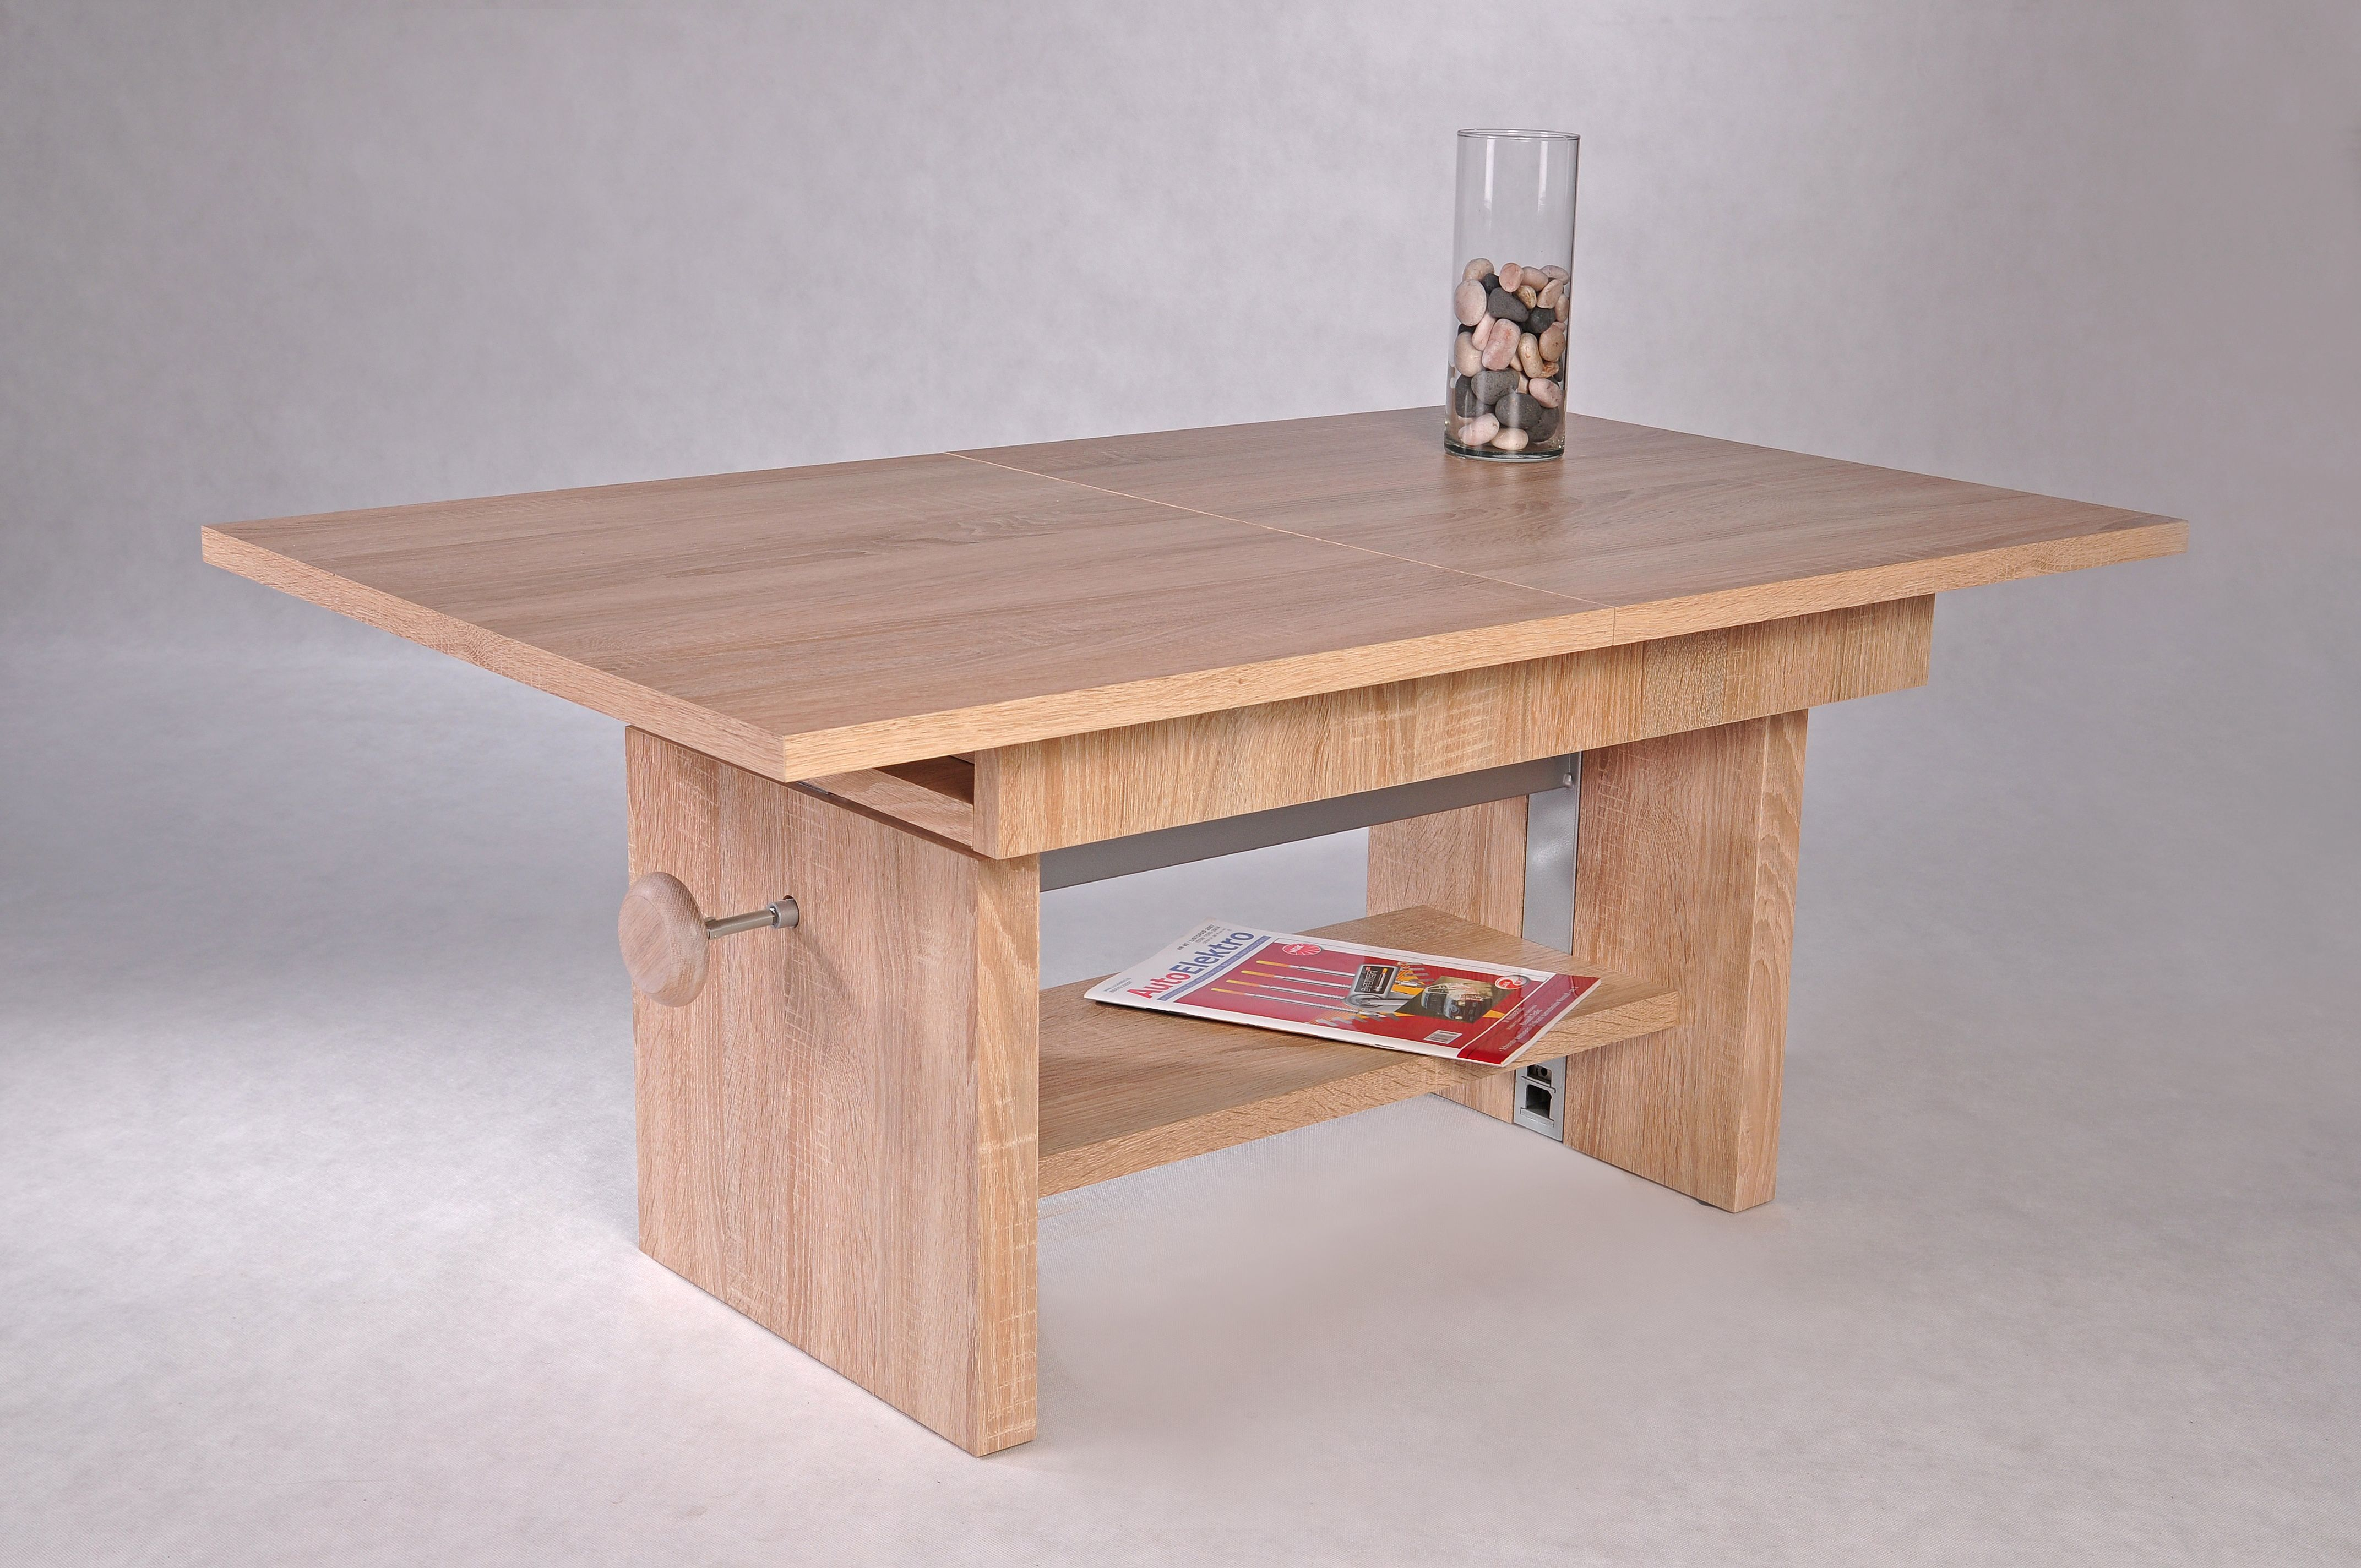 Bezaubernd Couchtisch Holz Höhenverstellbar Das Beste Von 110 X 65 Cm Sonoma Eiche Ausziehbar